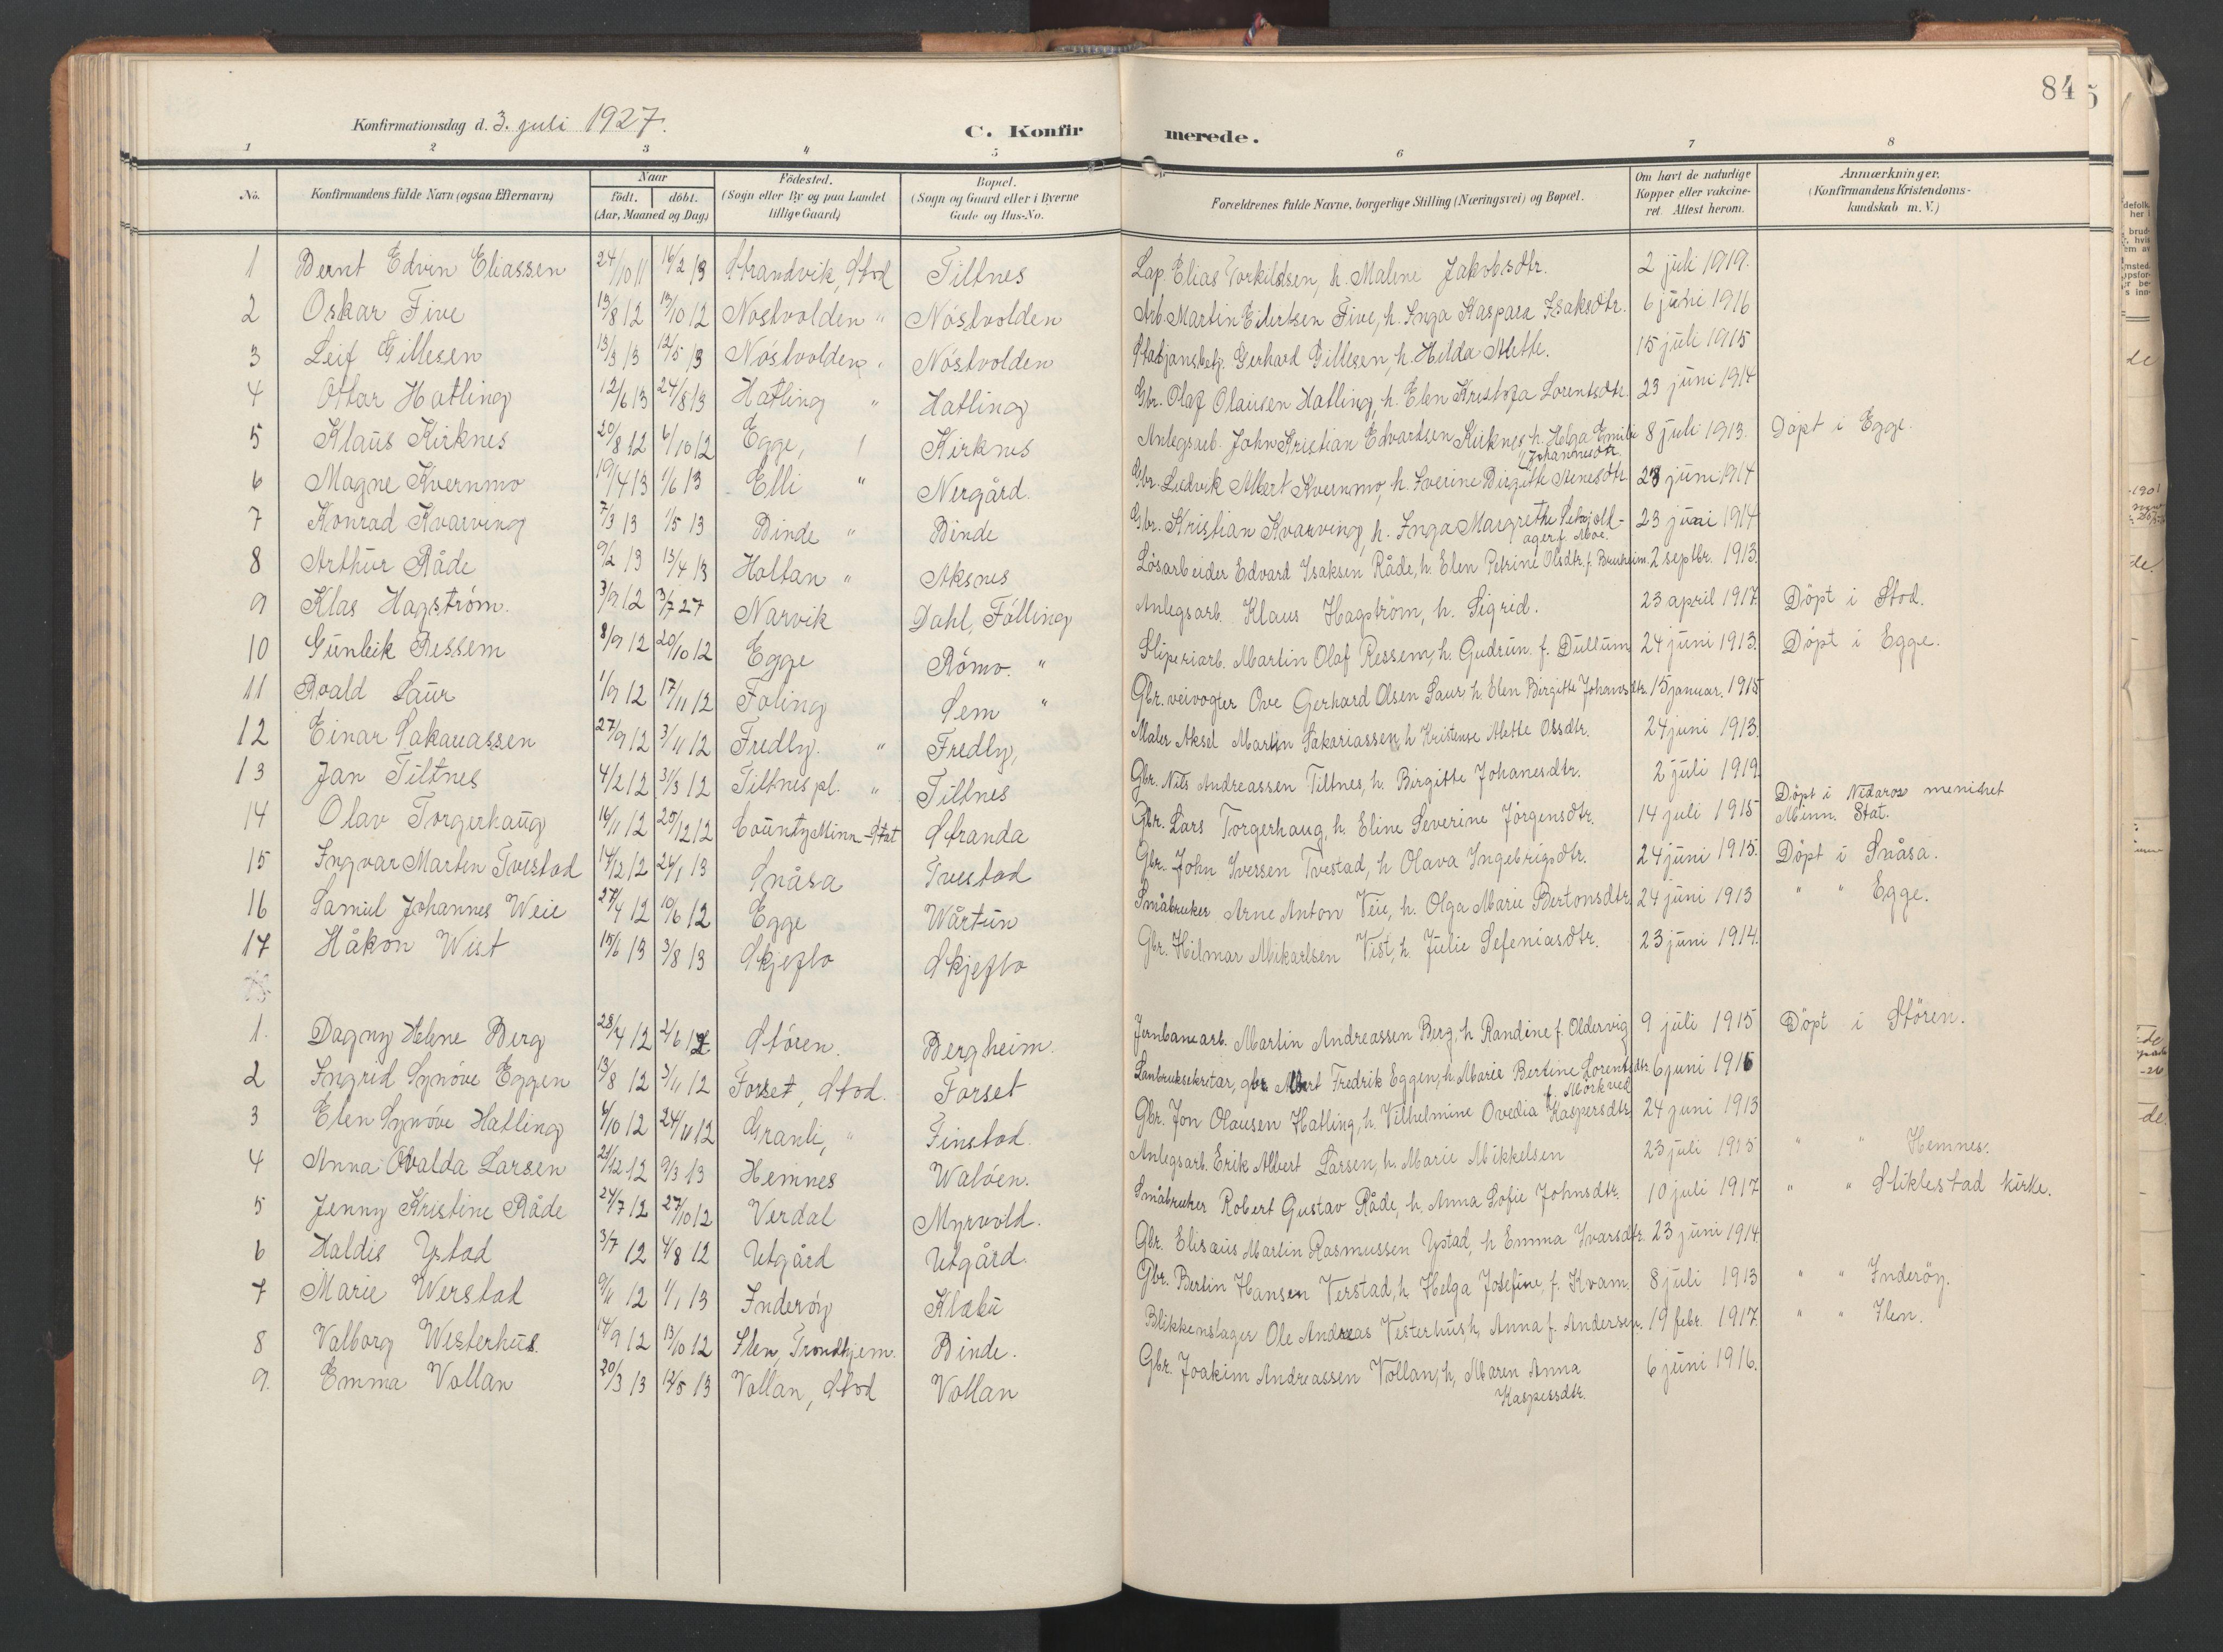 SAT, Ministerialprotokoller, klokkerbøker og fødselsregistre - Nord-Trøndelag, 746/L0455: Klokkerbok nr. 746C01, 1908-1933, s. 84